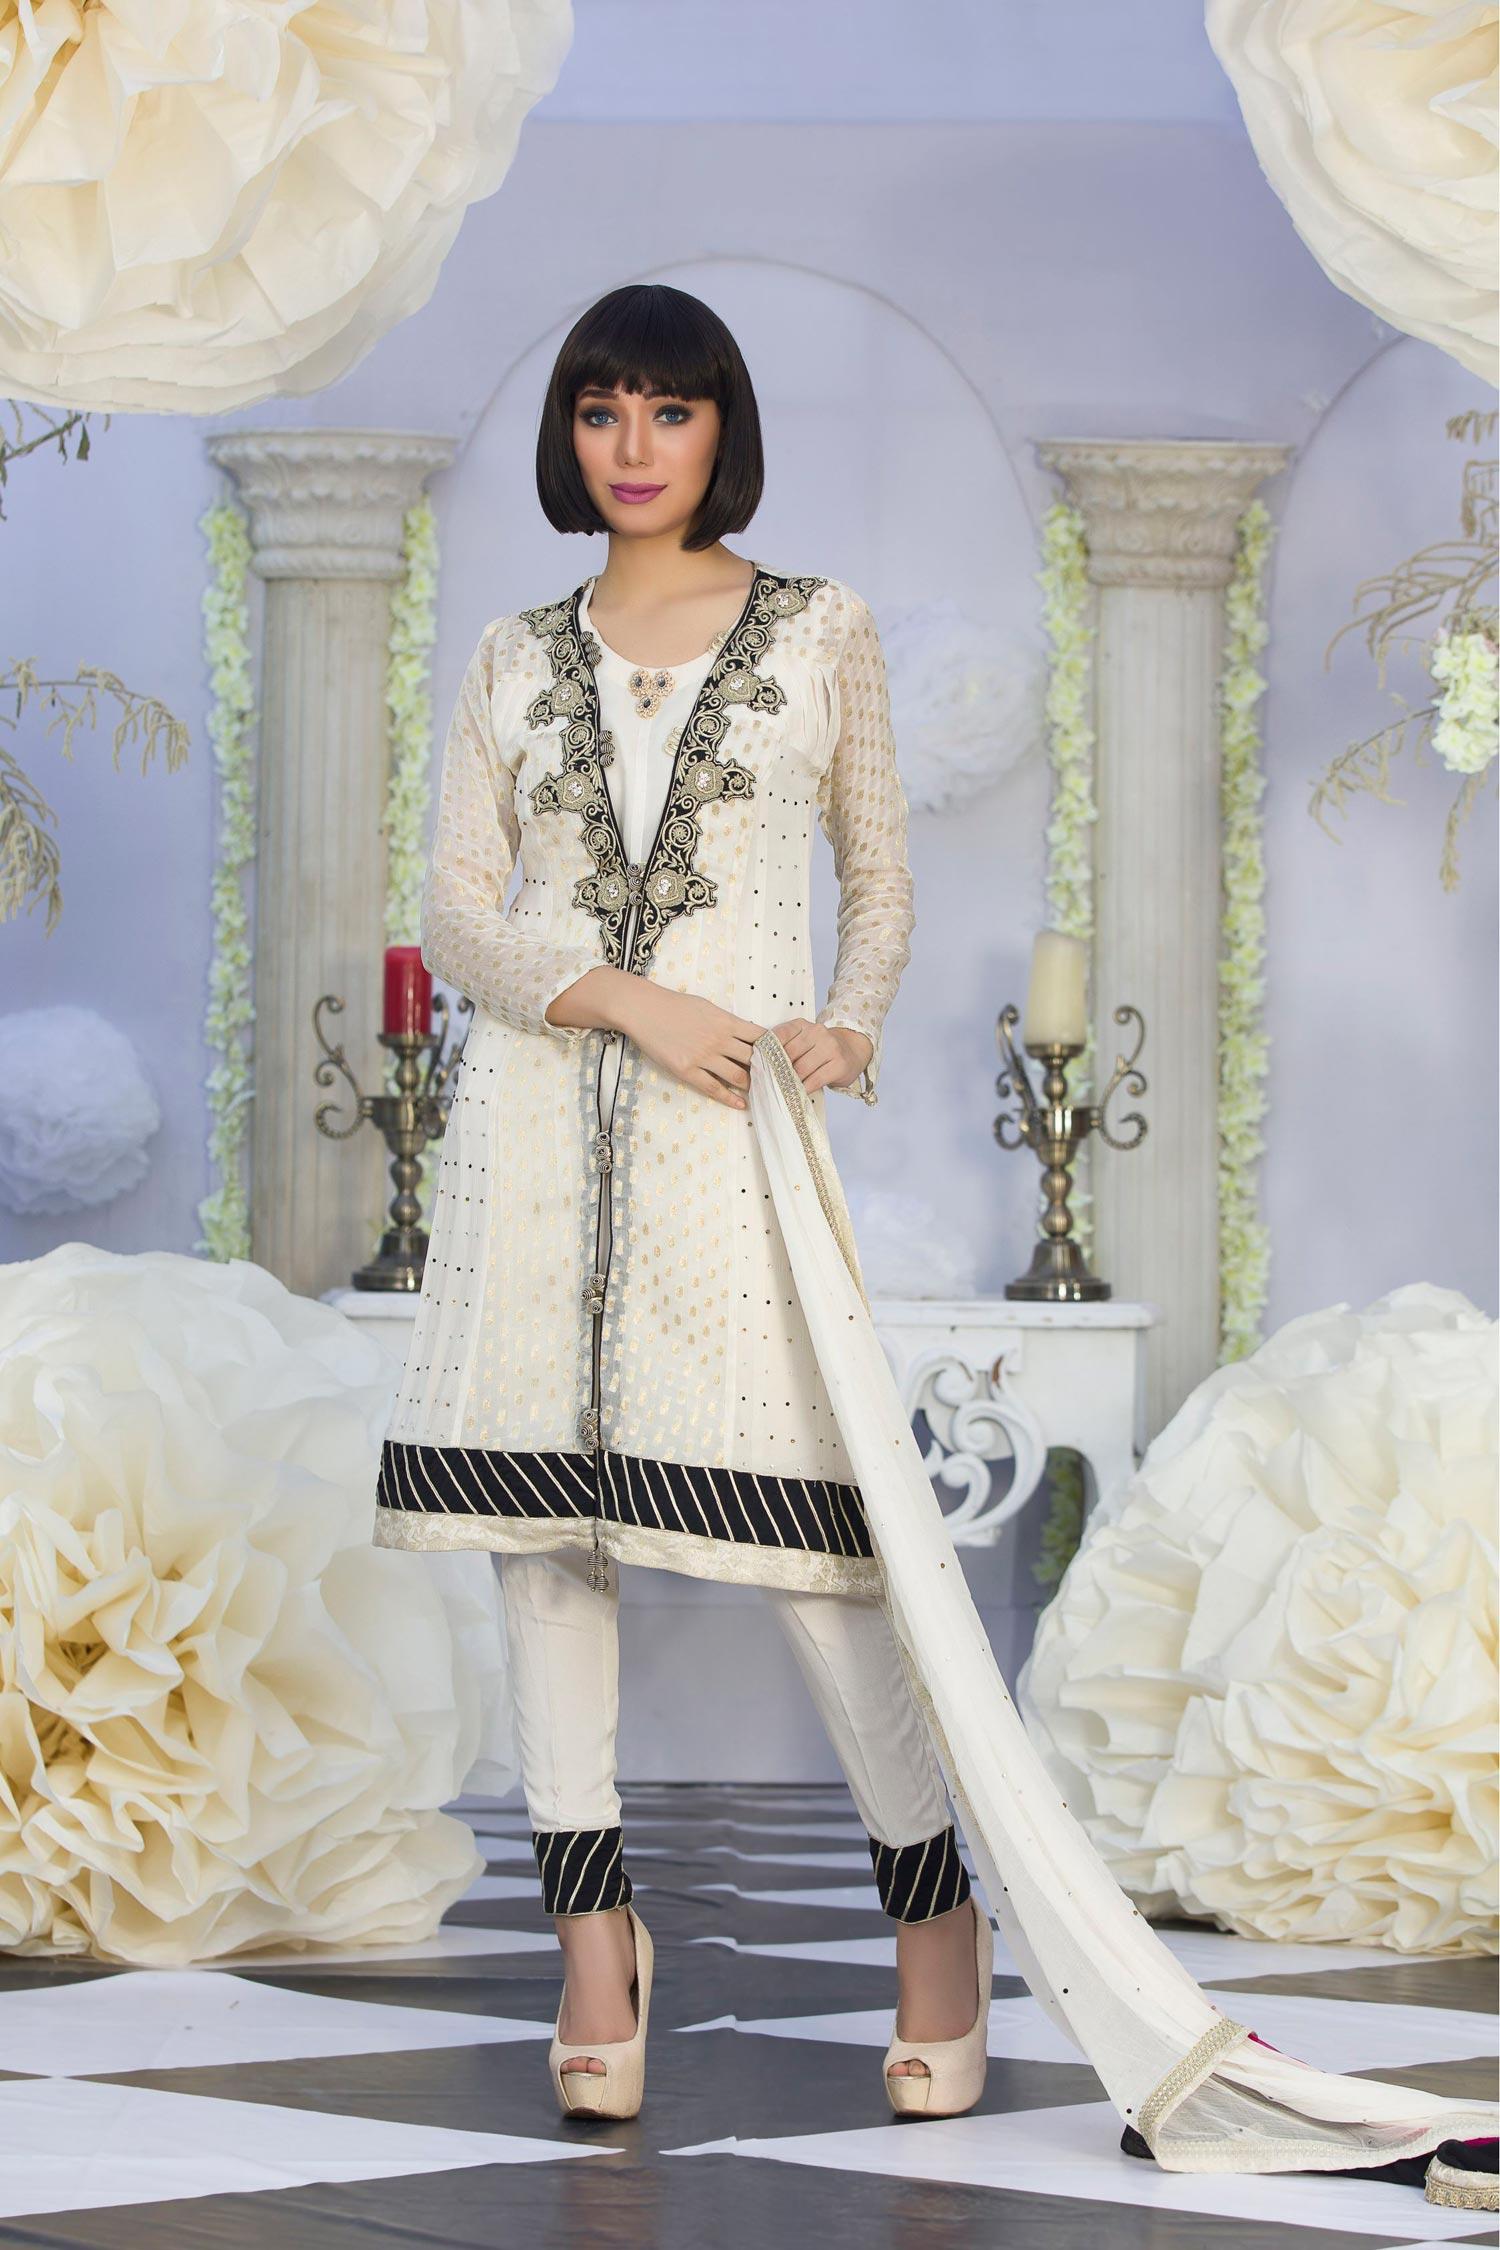 cc67891ddfb EXCLUSIVE LATEST OFF-WHITE COLOR PARTY DRESS - Exclusive Online Boutique